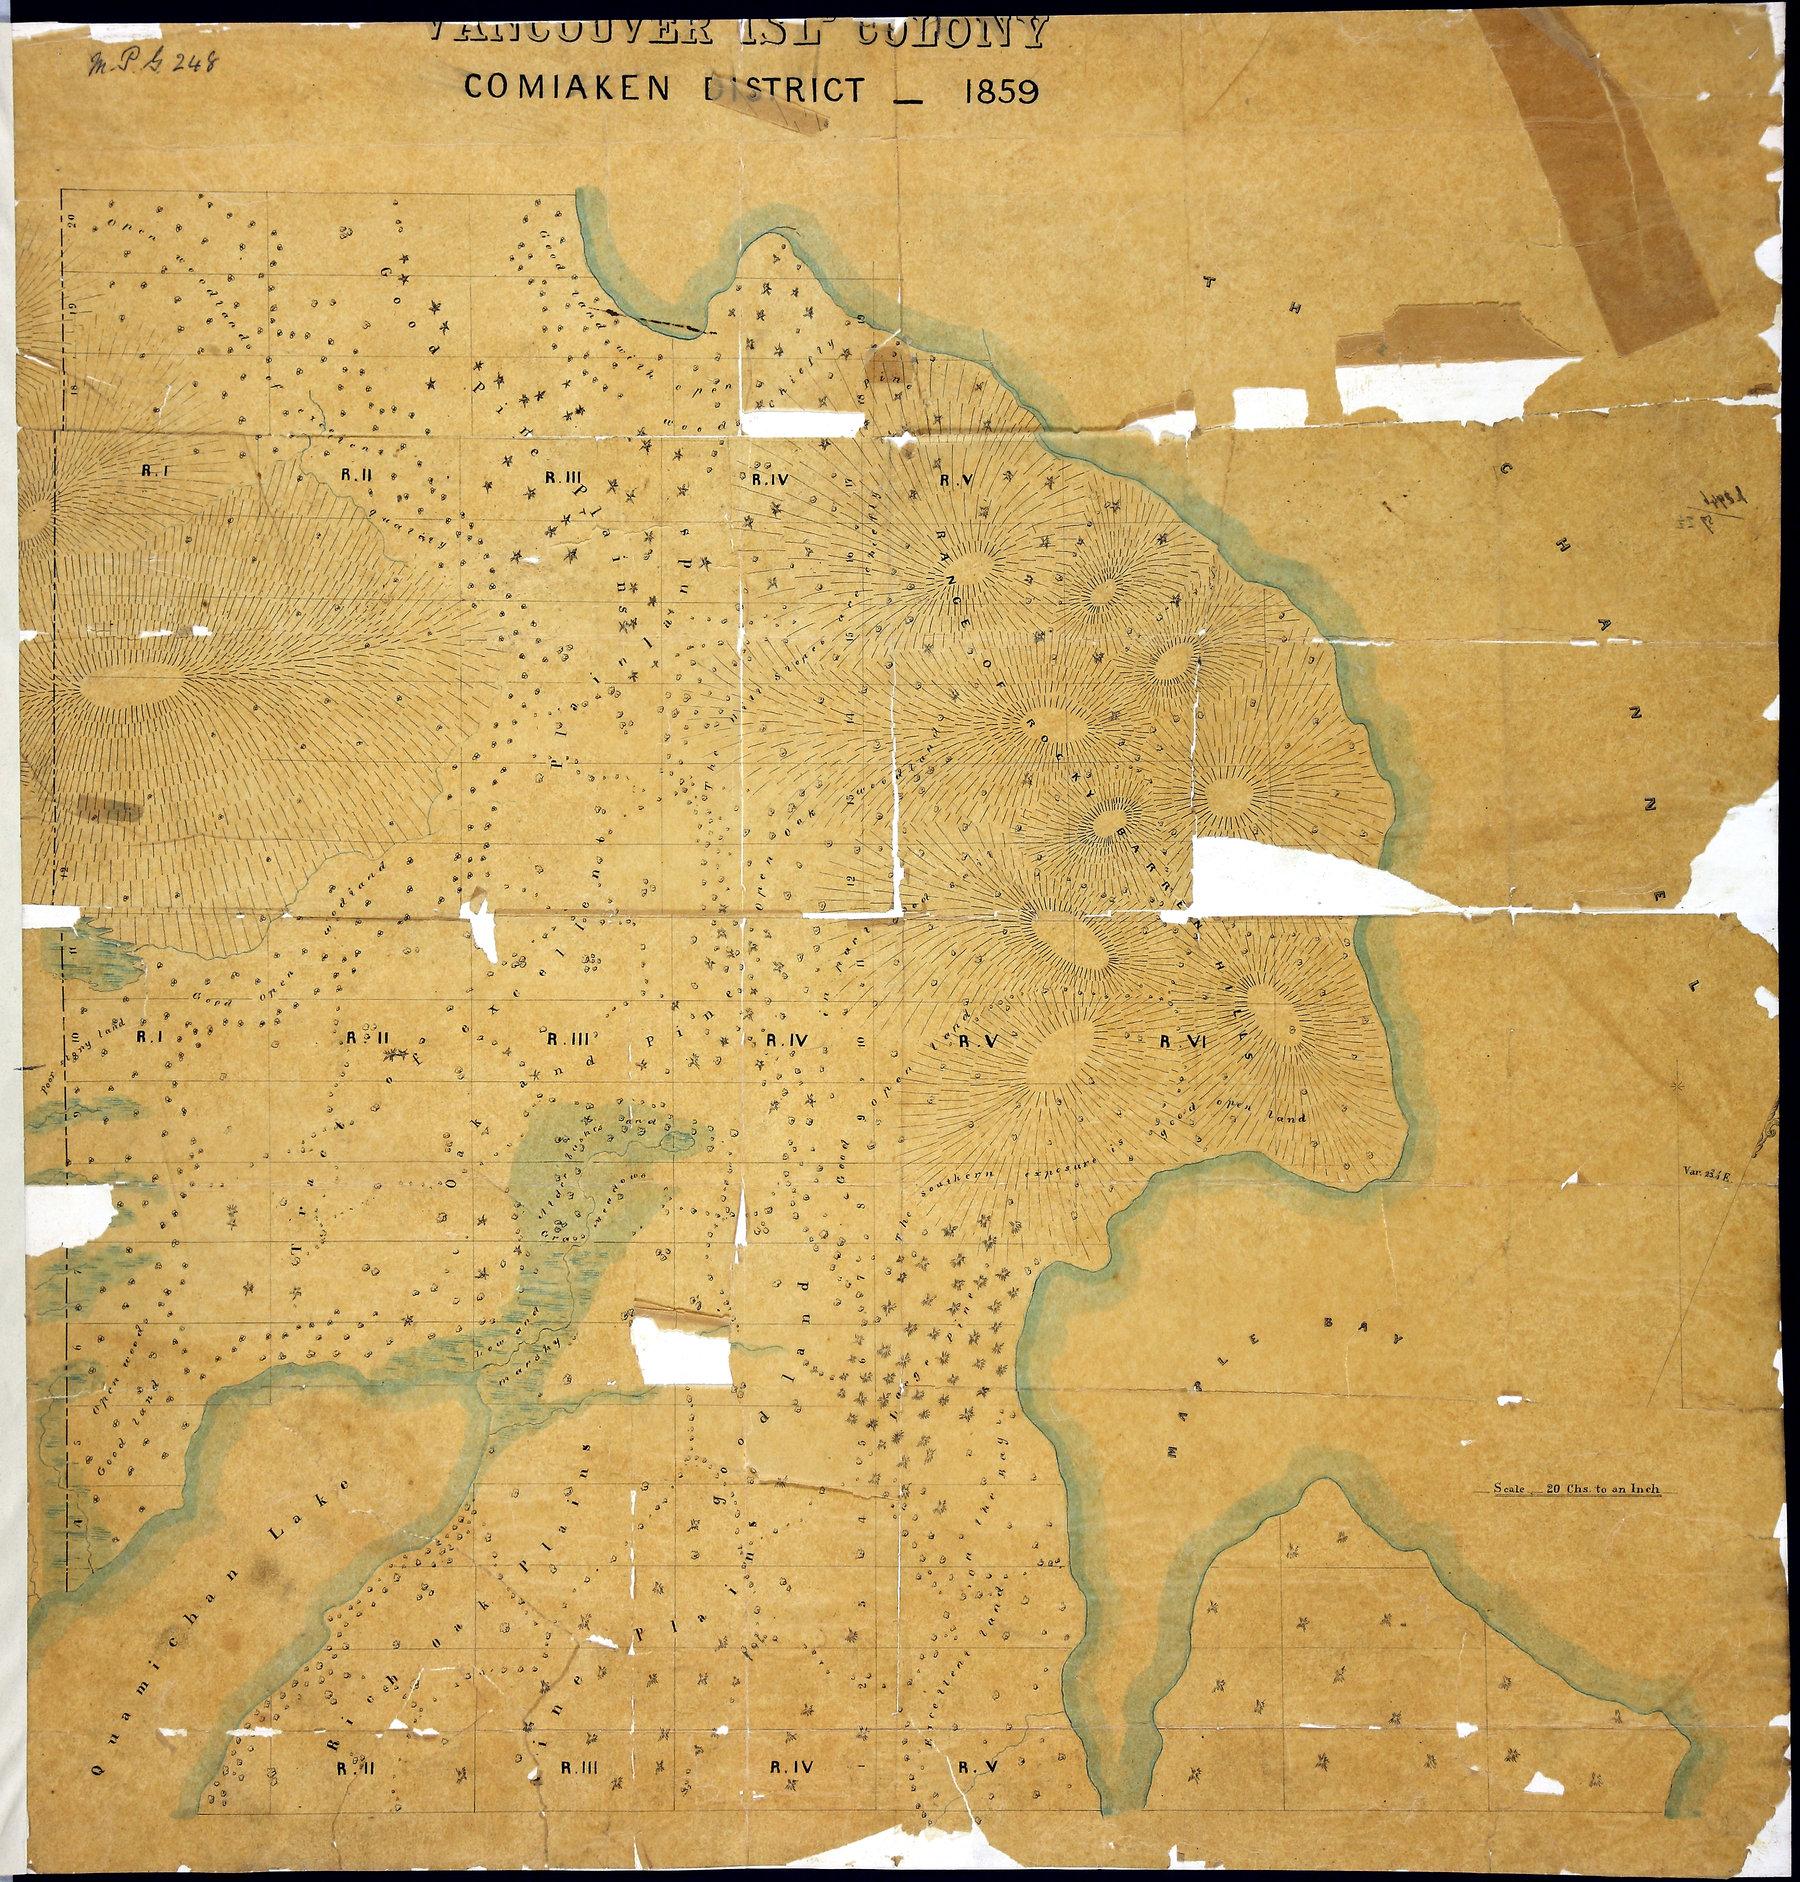 Comiaken District, 1859.